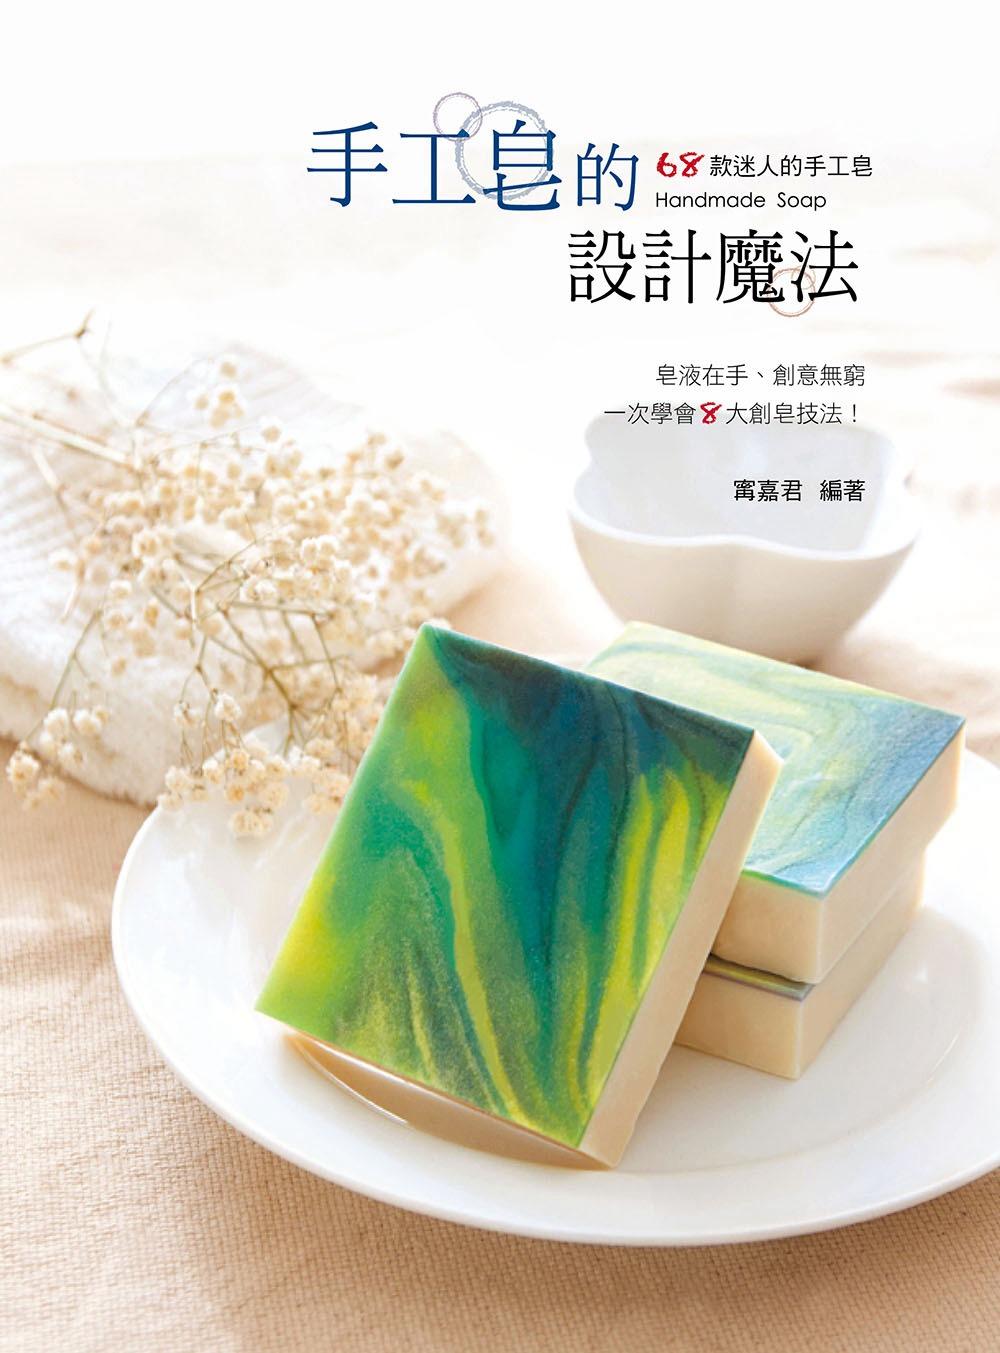 ◤博客來BOOKS◢ 暢銷書榜《推薦》手工皂的設計魔法